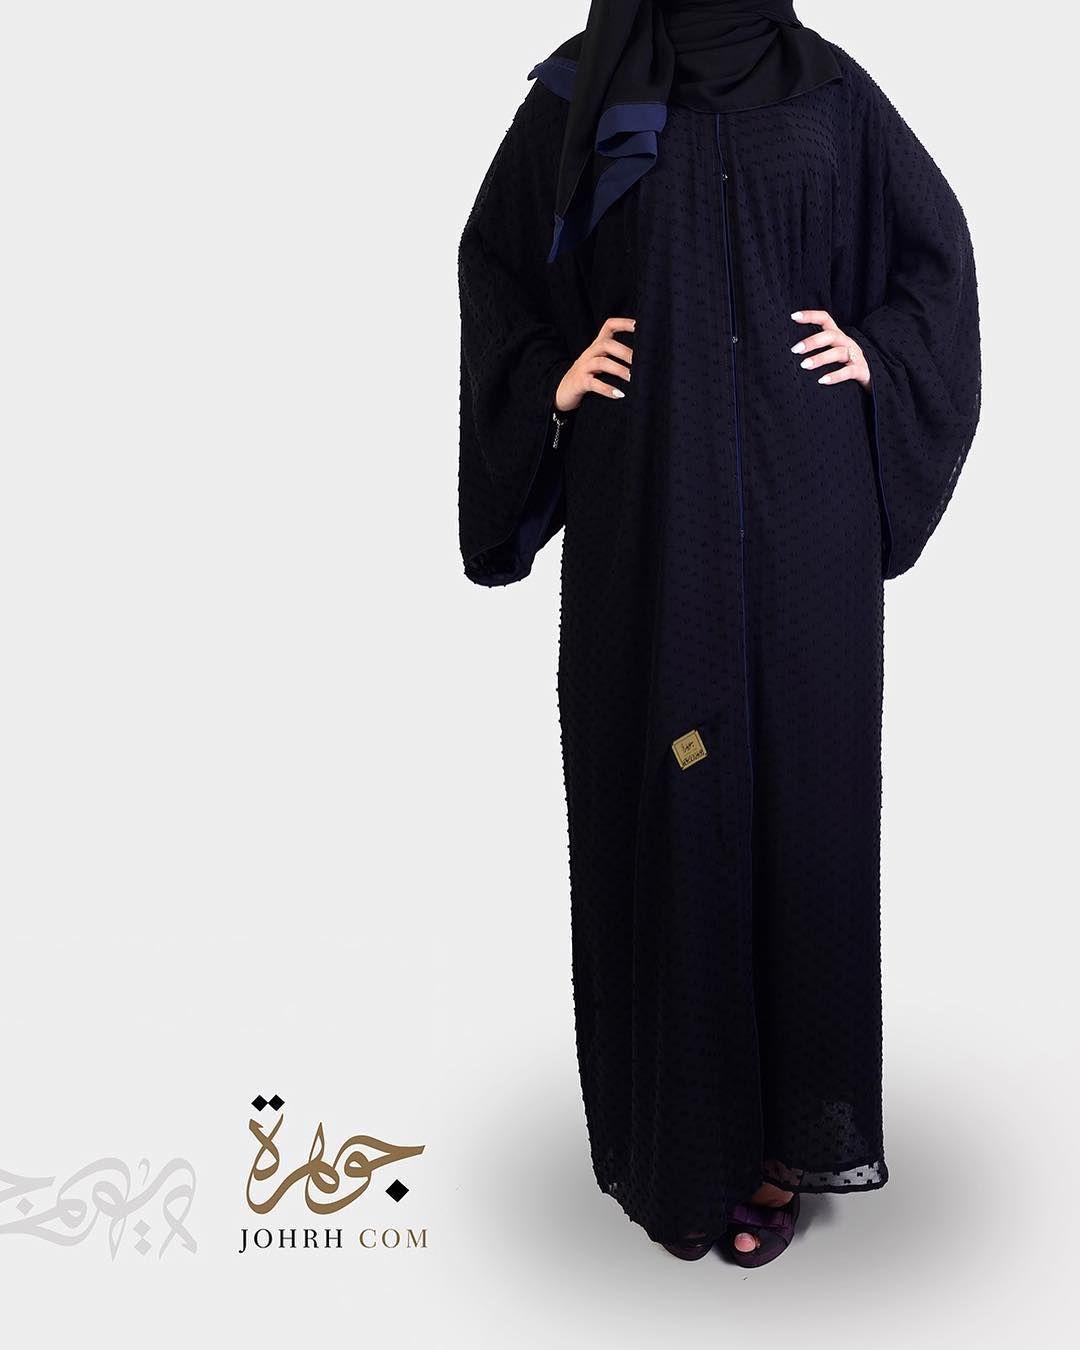 السعر 220 بل فيس منتش كحلي تألقي مع هذه العباية المريحة والانيقة من الاقمشة الناعمة والتي تلبس على جهتين دبل فيس من جهة قما Fashion High Neck Dress Dresses